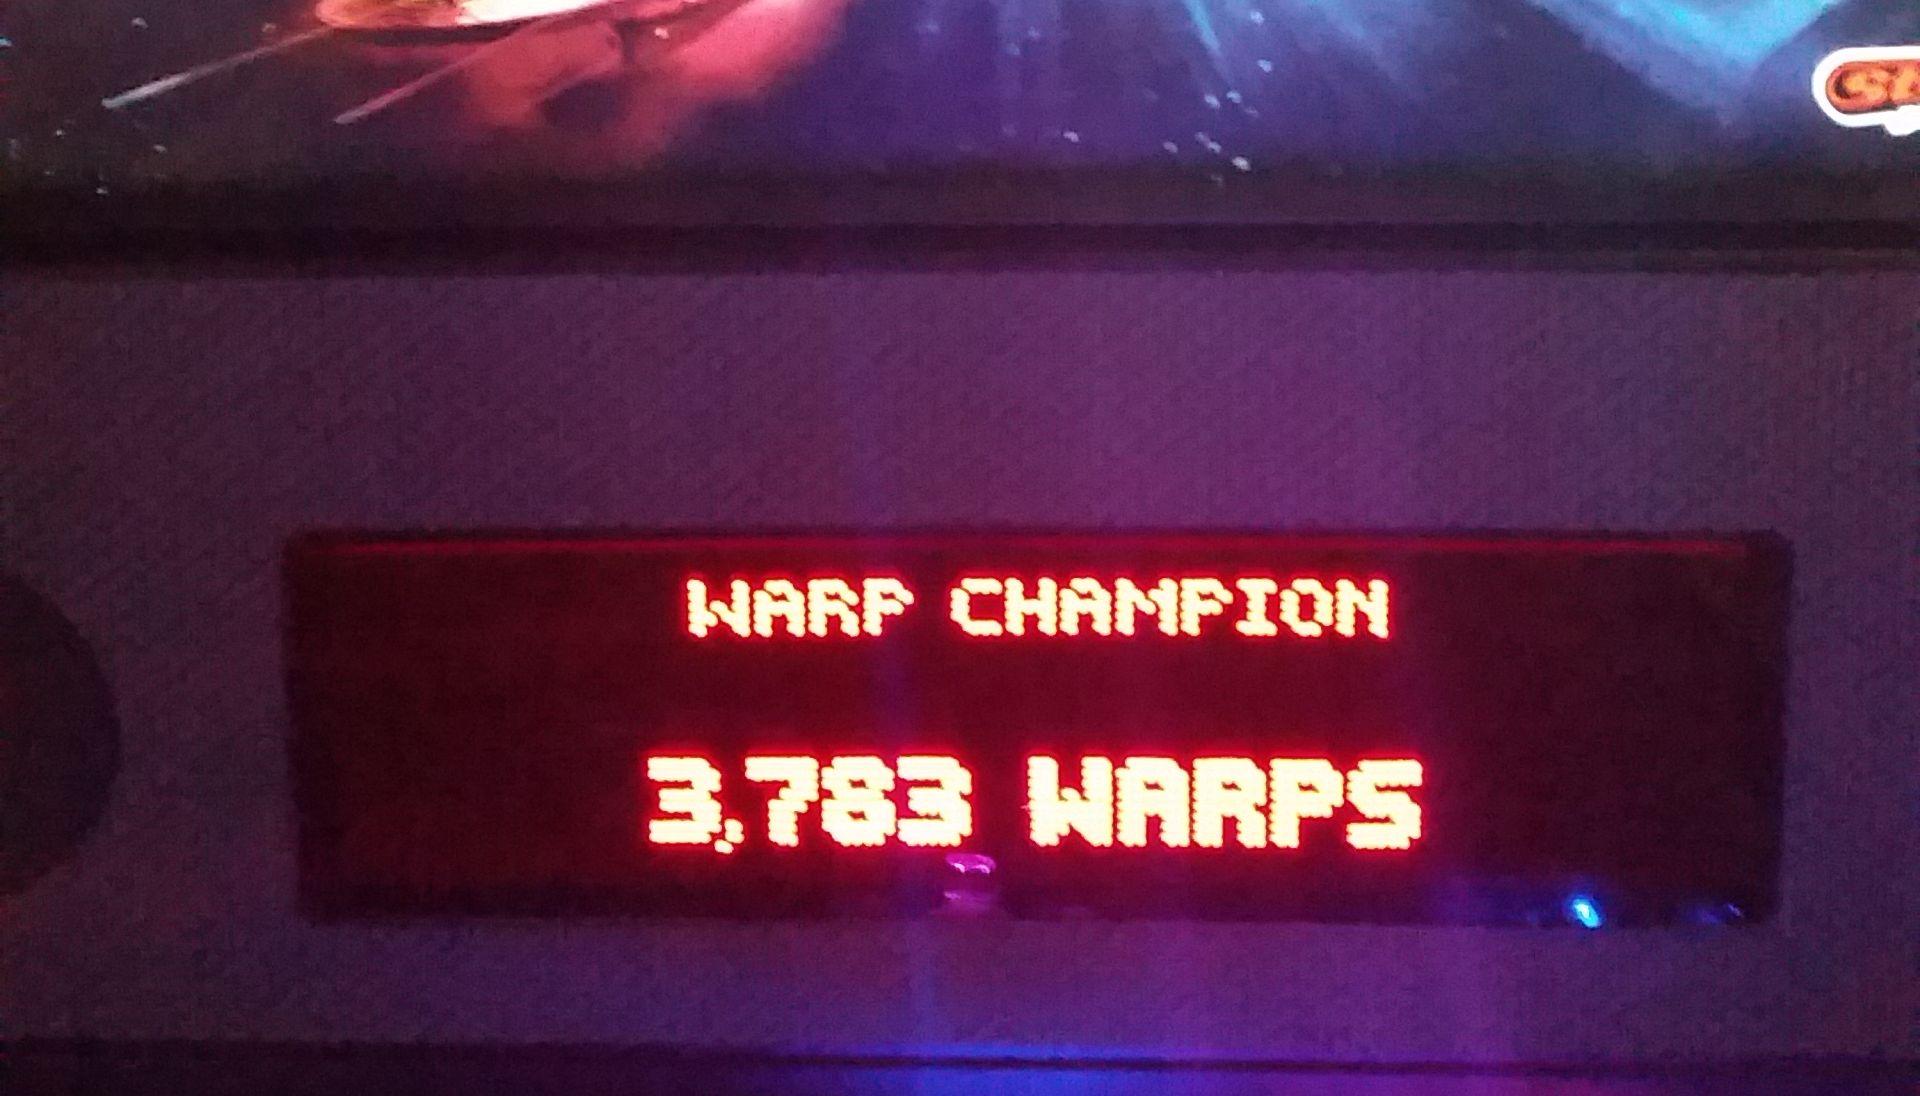 3783warps